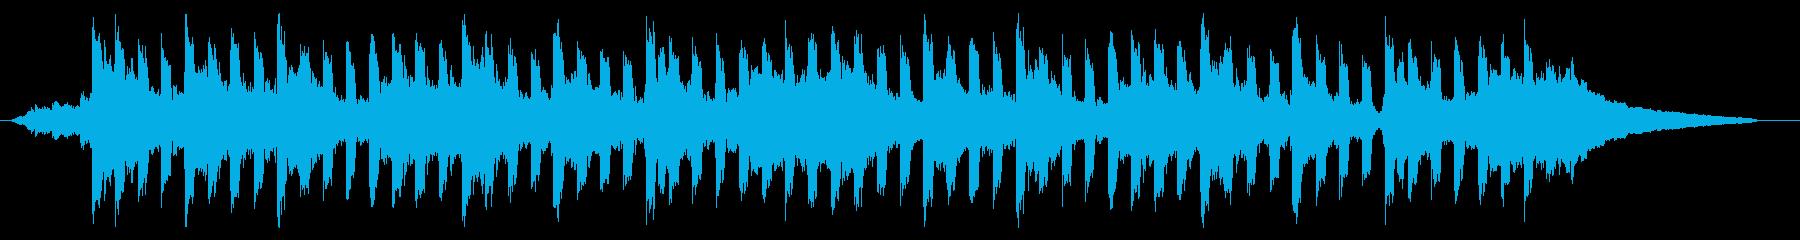 【ショート版】企業VP・CM ピアノ…の再生済みの波形